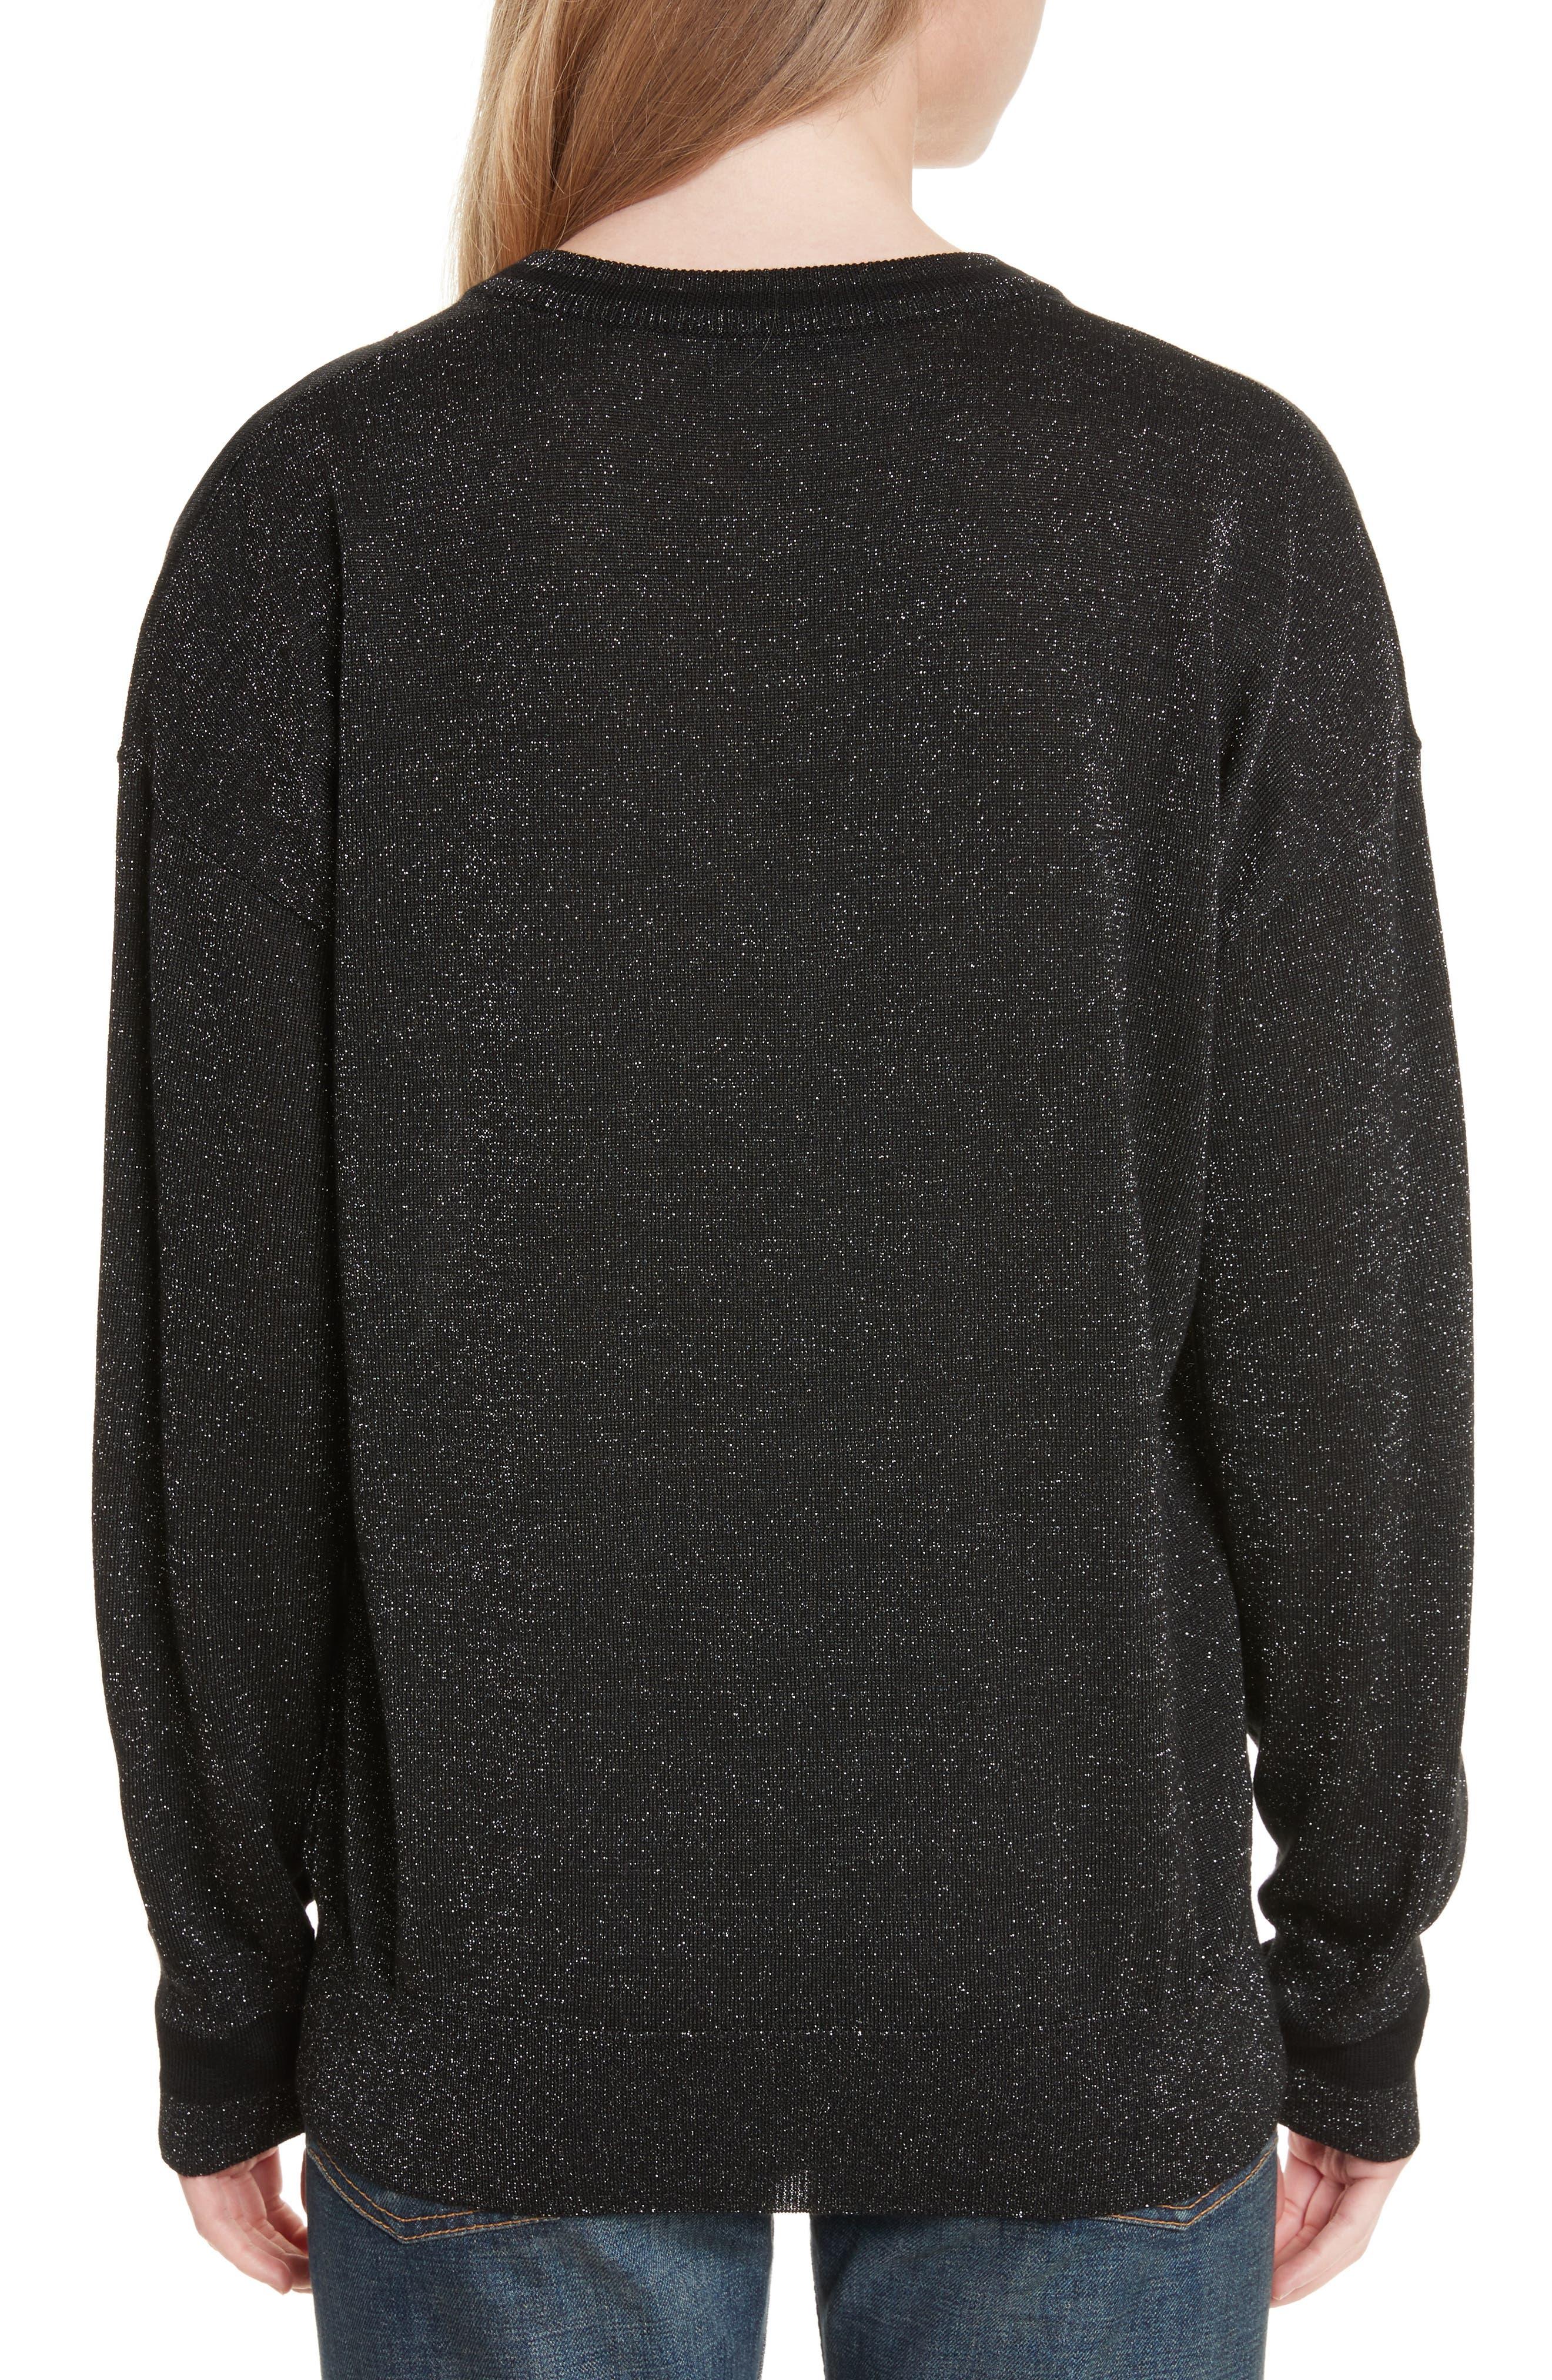 Lucinda V-Neck Sweater,                             Alternate thumbnail 2, color,